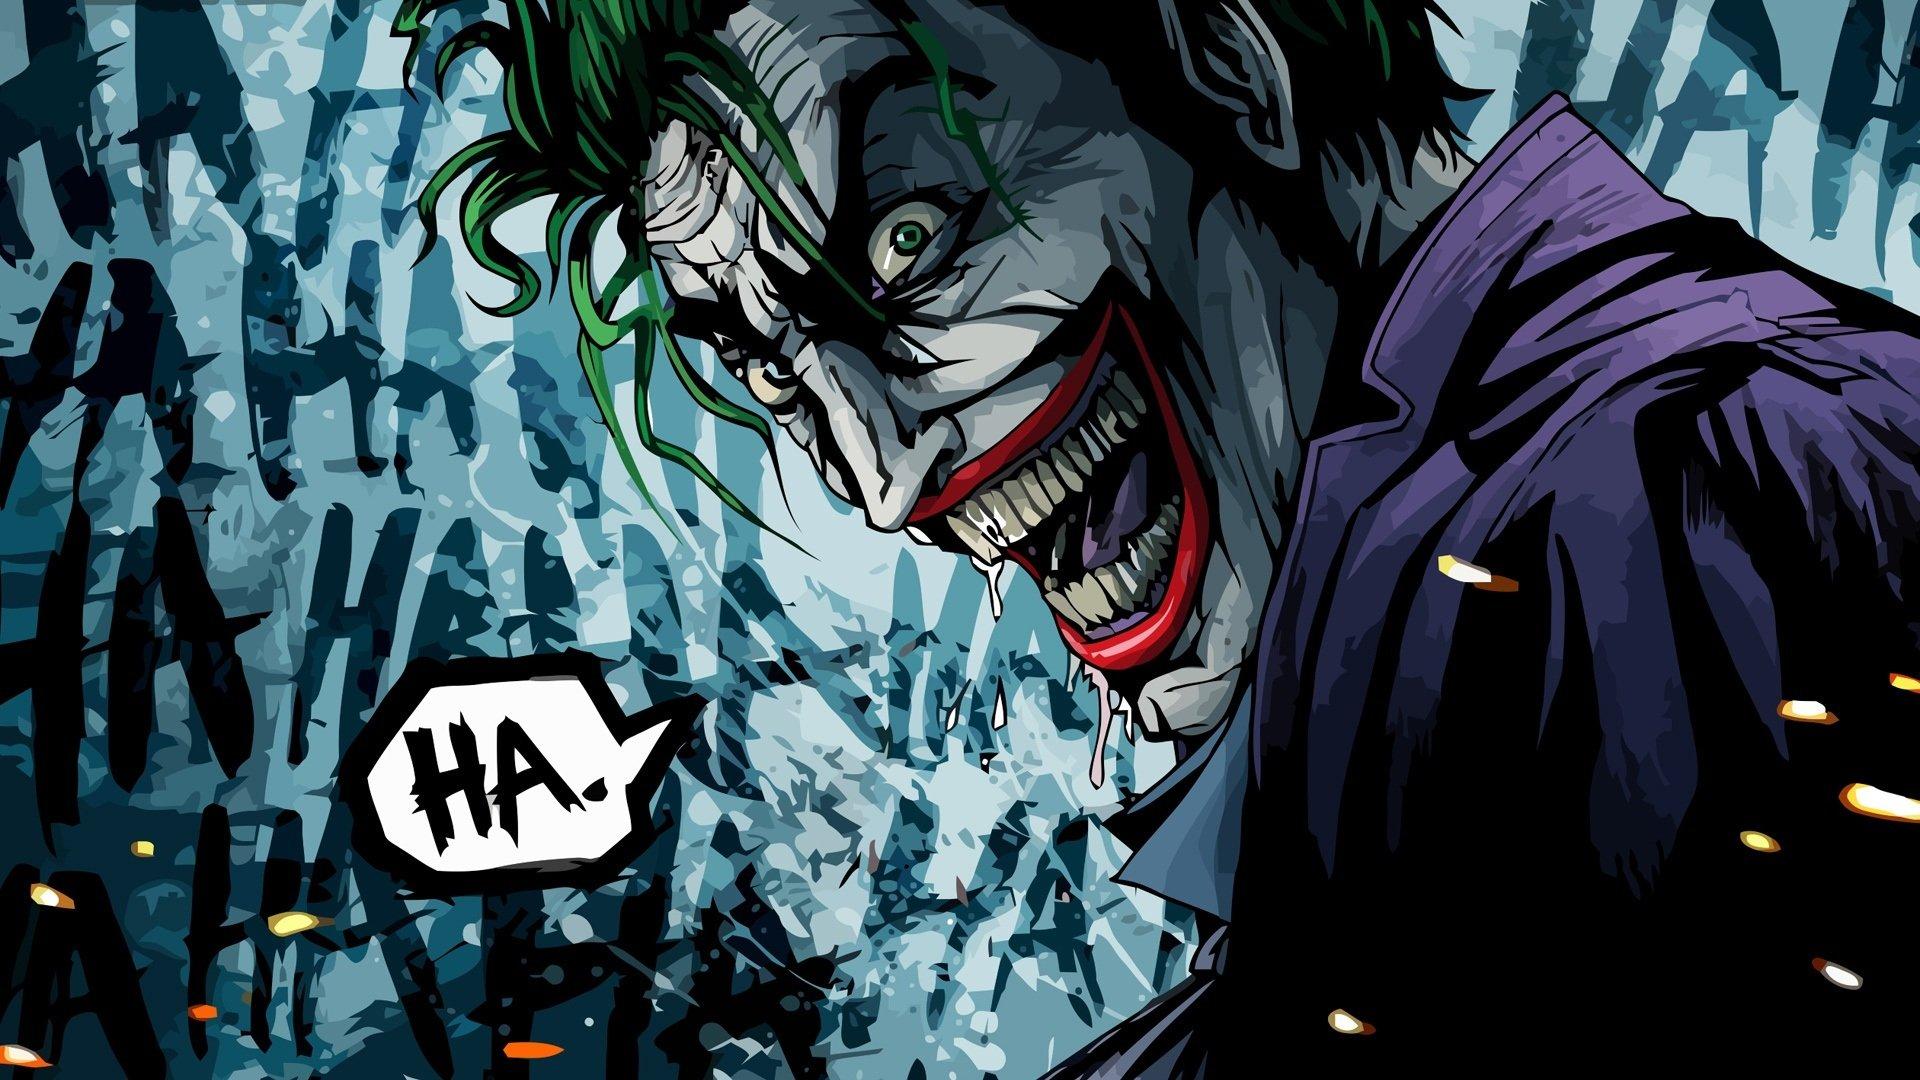 The Joker The Killing Joke version HD Wallpaper Wallpapers 1920x1080